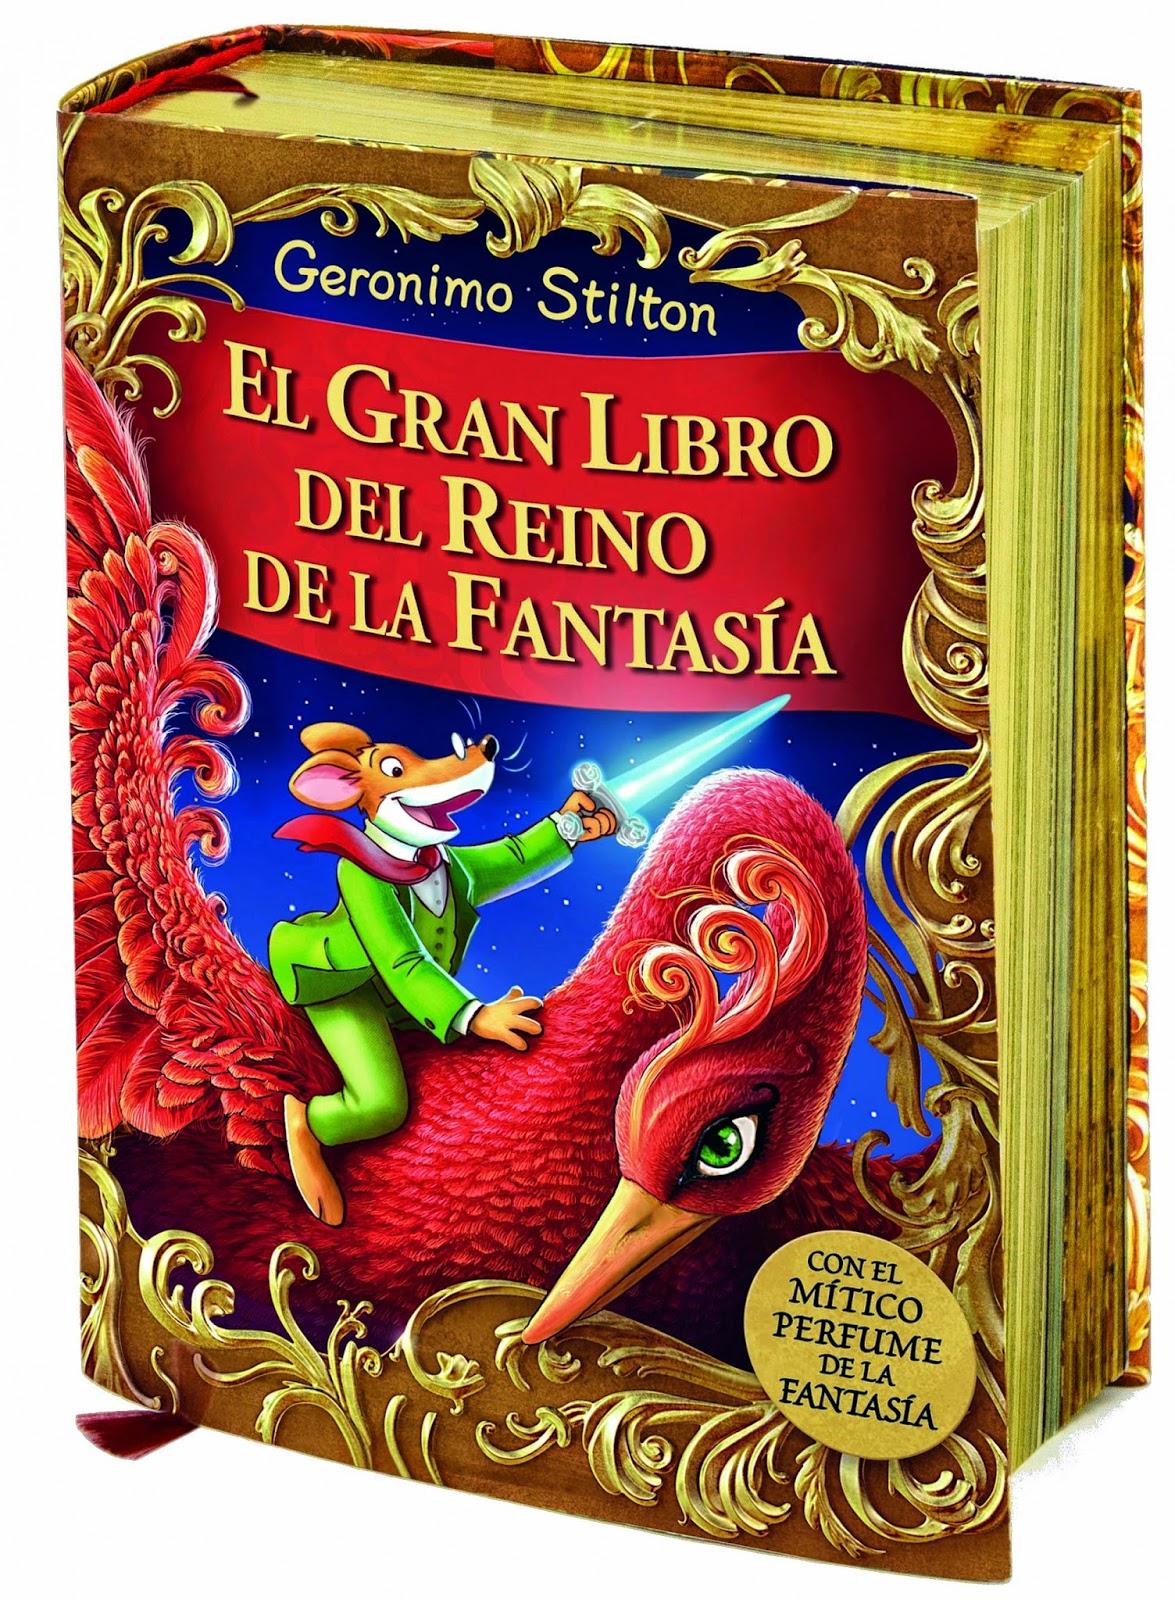 Ranking Semanal. Número 3: El Gran Libro del Reino de la Fantasía, de Geronimo Stilton.